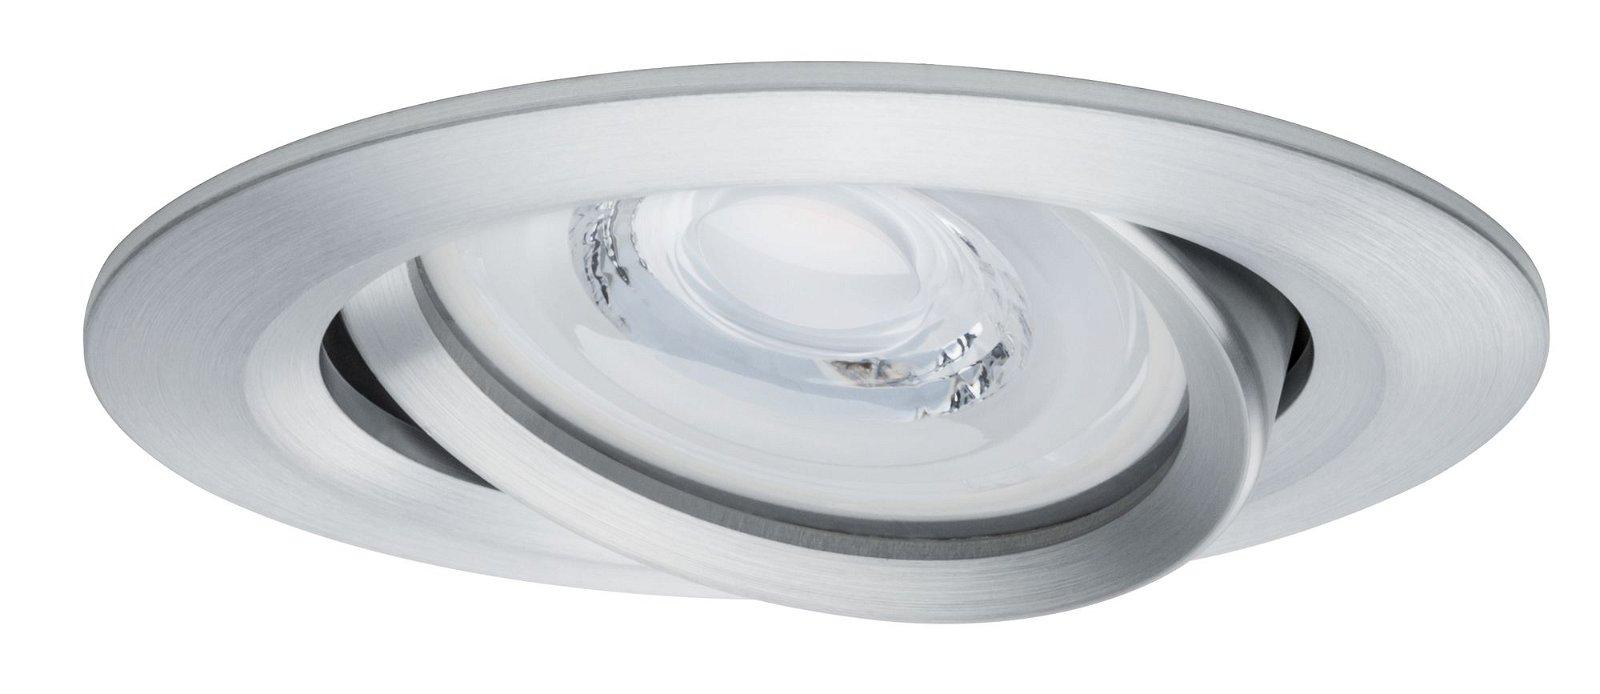 Premium LED Einbauleuchte Coin Basisset schwenkbar rund 84mm 50° Coin 3x6,8W 3x463lm 230V 2700K Alu gedreht